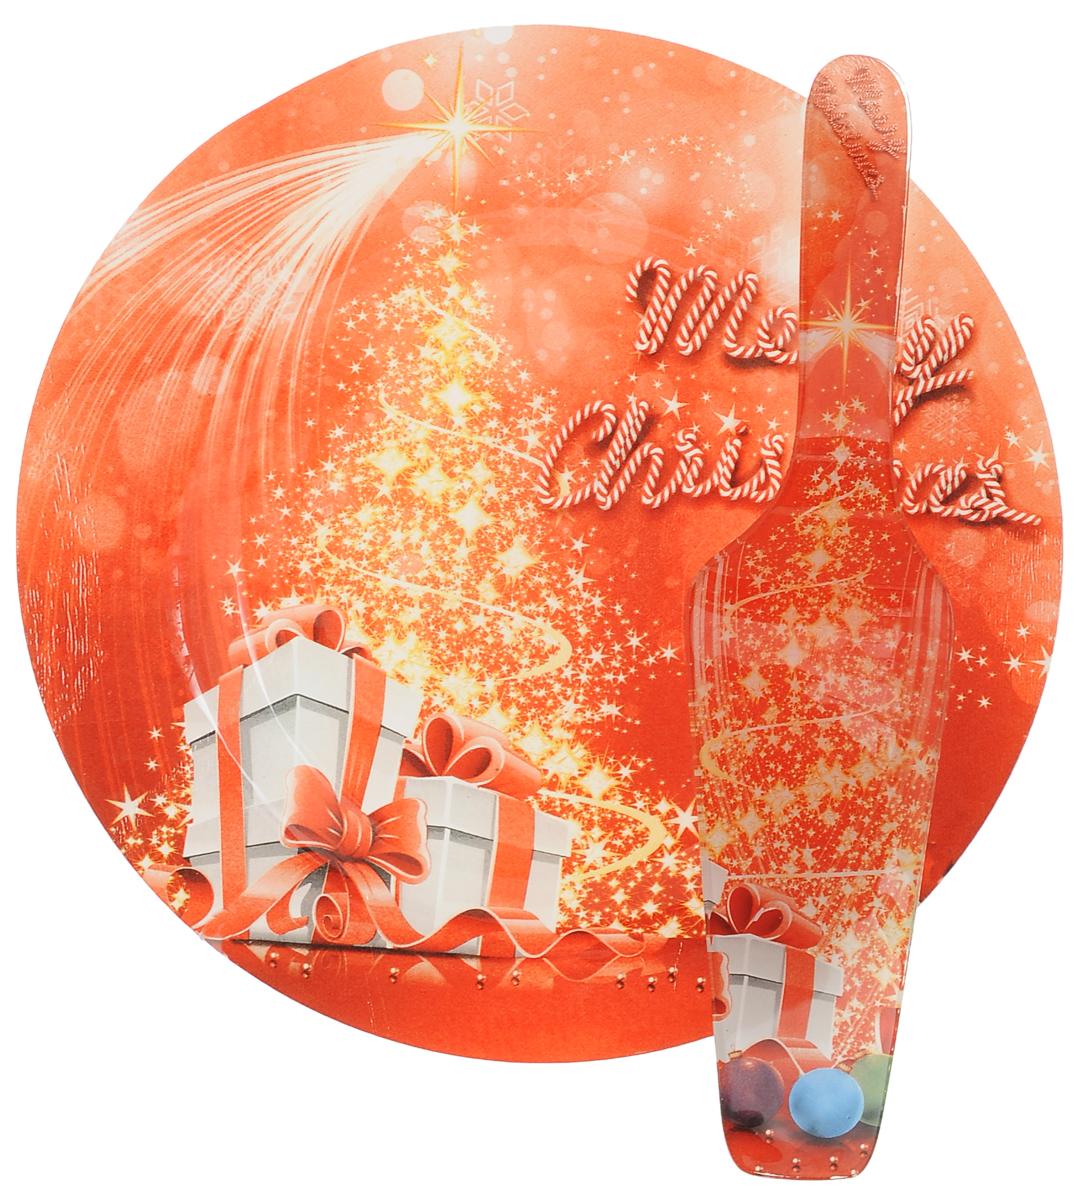 Набор для торта Lillo Новогодний, 2 предмета216007_красный, подаркиНабор для торта Lillo Новогодний состоит из круглого блюда и лопатки. Изделия выполнены из стекла и оформлены изображением подарков и надписью Merry Christmas. Набор идеален для подачи тортов, пирогов и другой выпечки. Яркий новогодний дизайн сделает набор изысканным украшением праздничного стола. Диаметр блюда: 25 см. Длина лопатки: 26,5